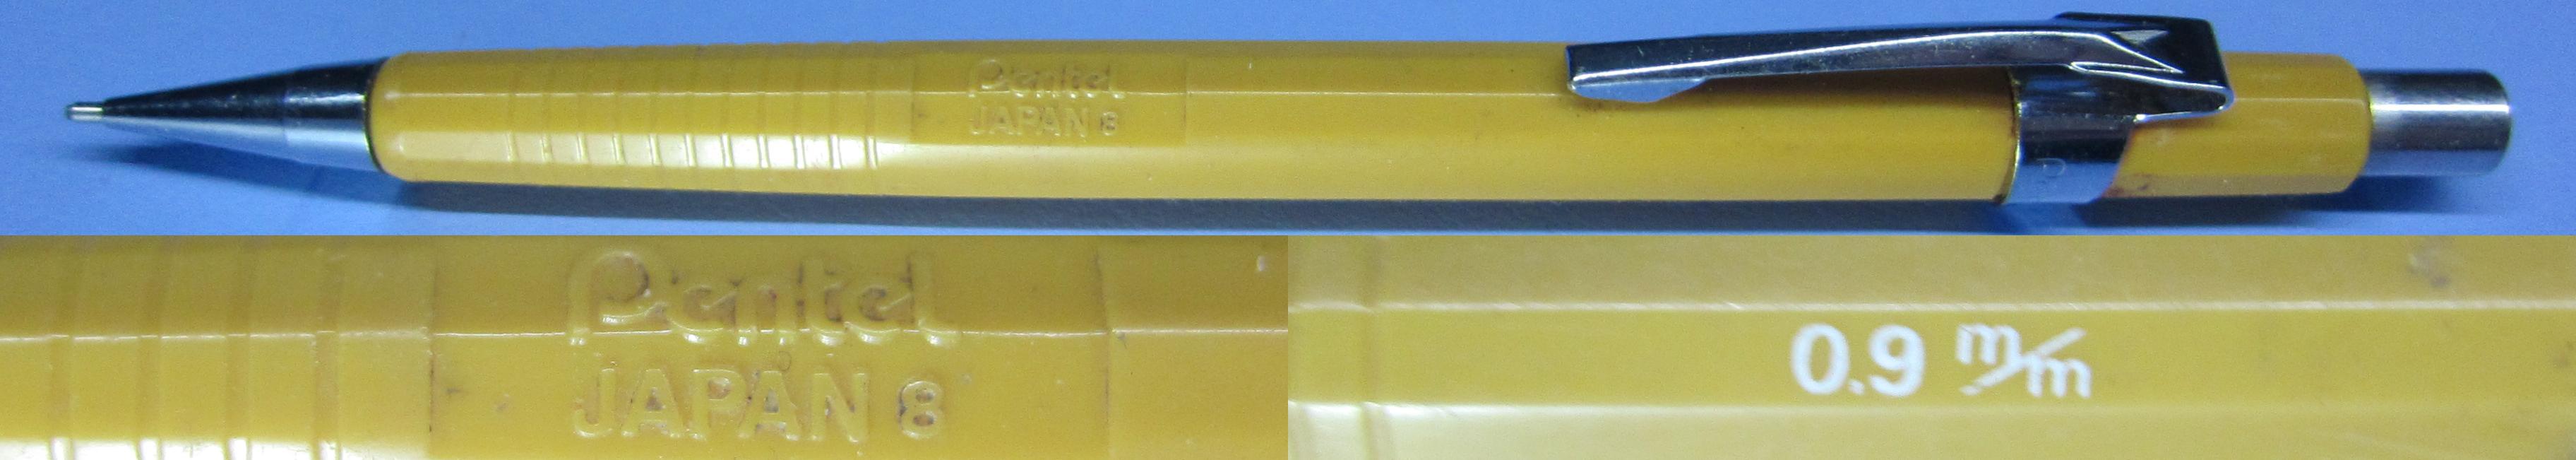 P209G (Gen 1b) - Short Tip - 651